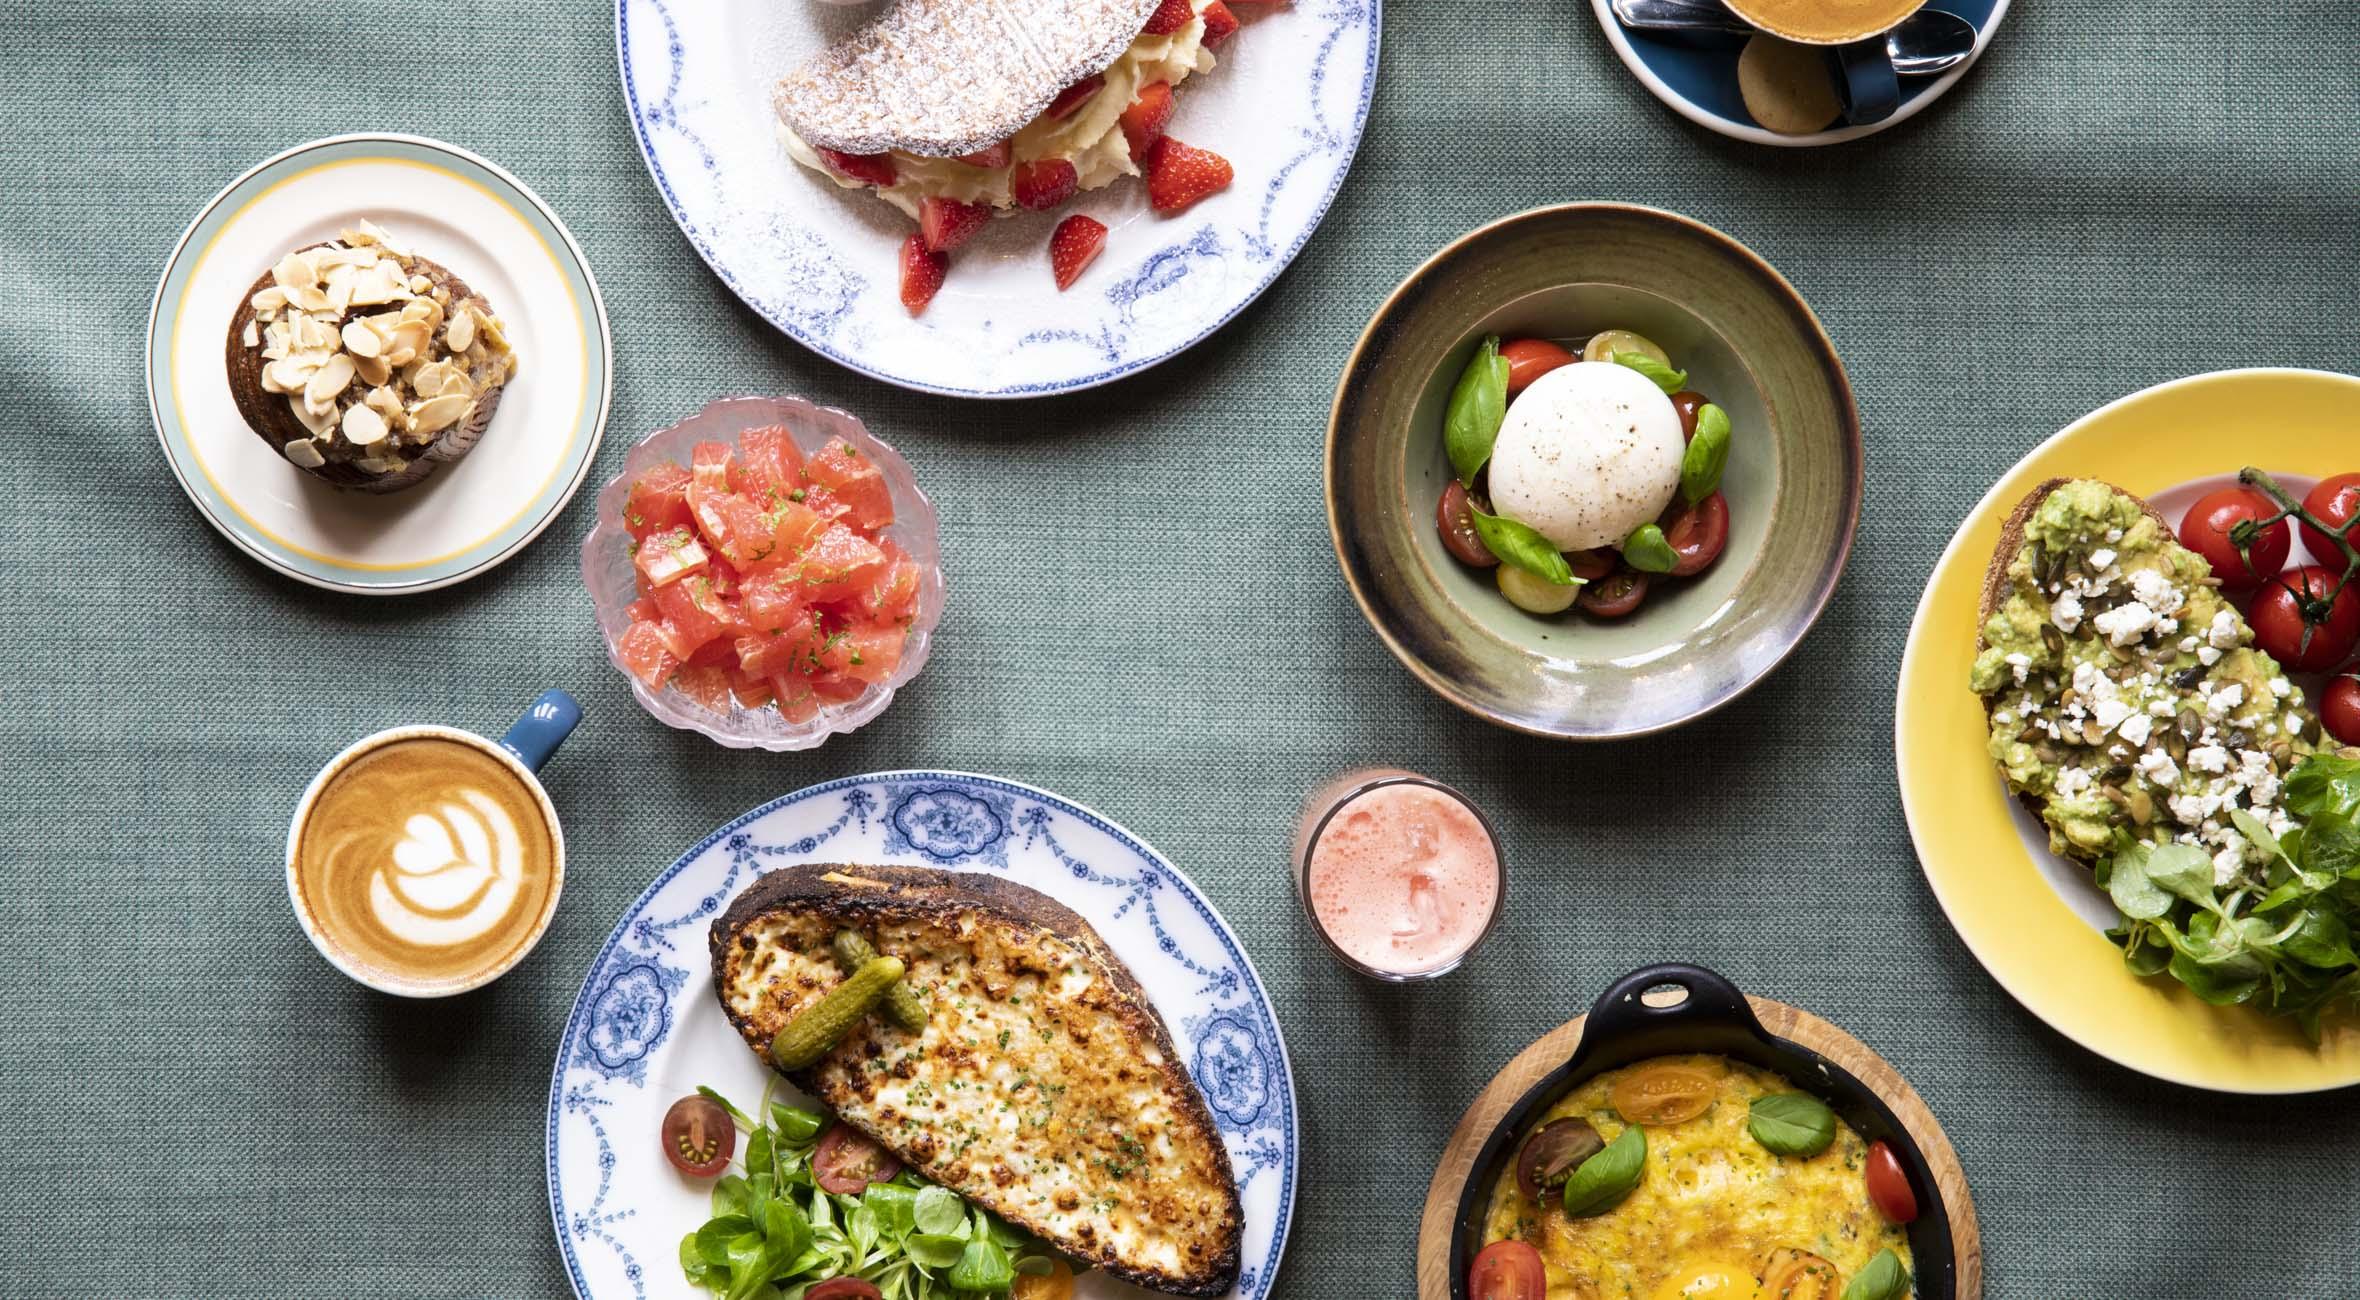 Frit valg til alt hos Ø12 Coffee & Eatery på Østerbro – Kaffe- og madnørder storsatser på brunch i fantastiske omgivelser